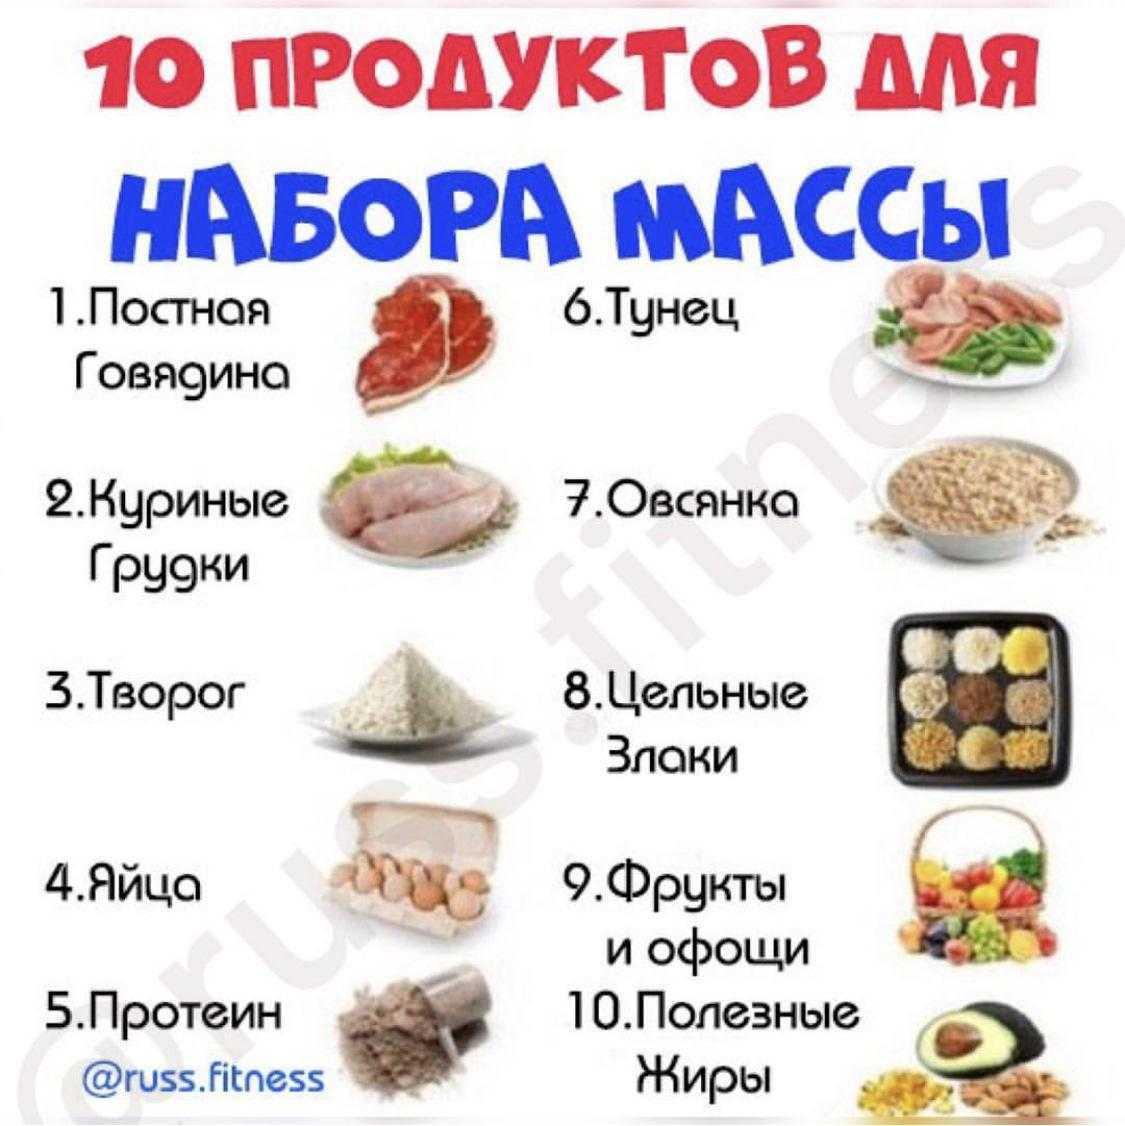 Лучшие продукты для набора мышечной массы, меню на неделю